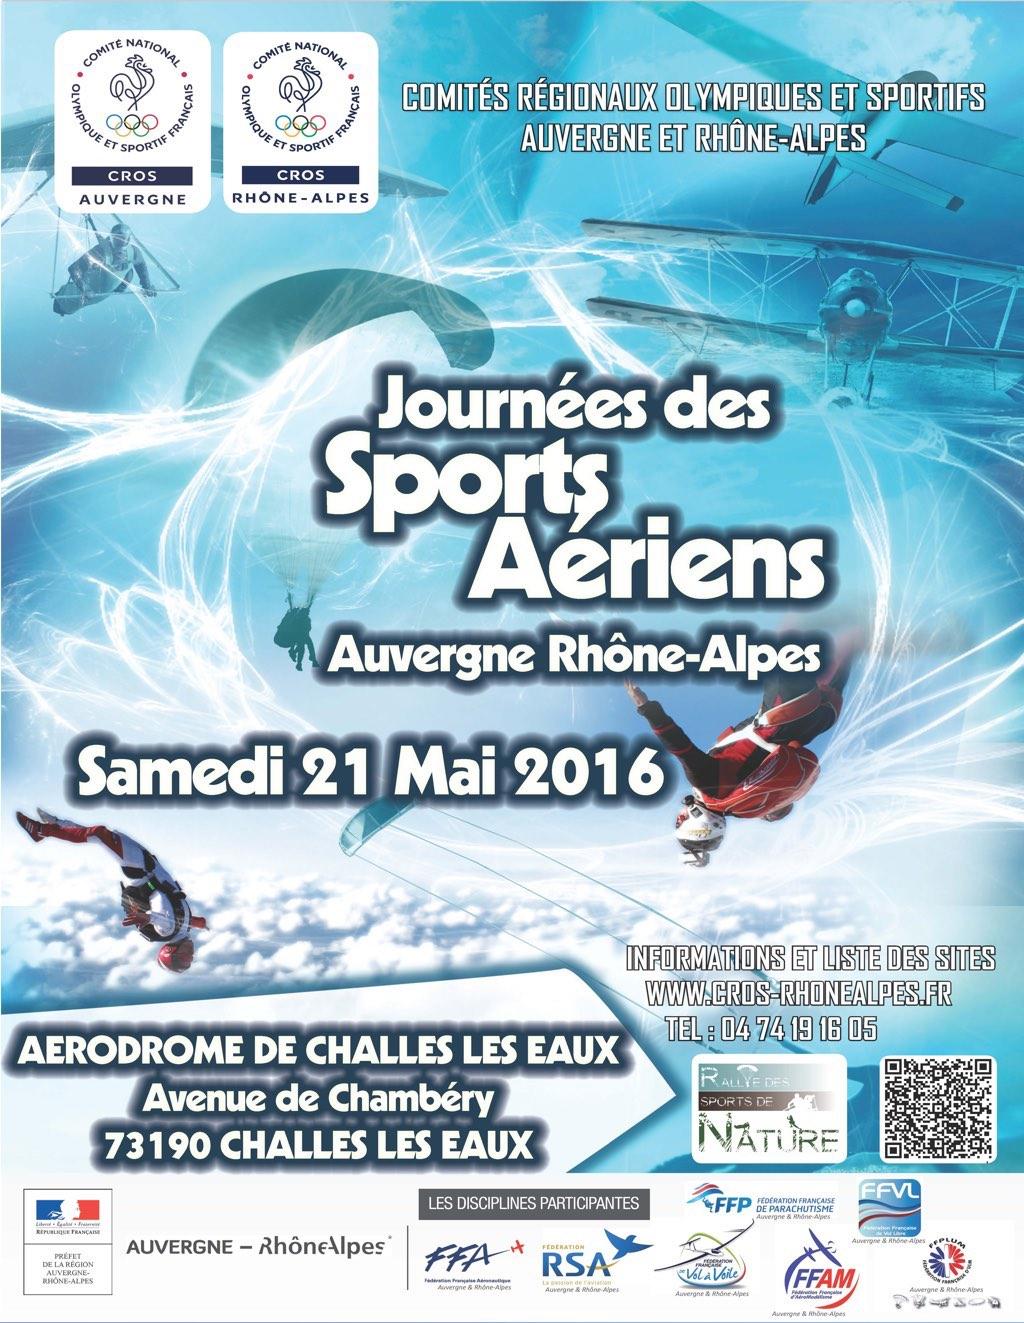 journées des sports aériens 2016